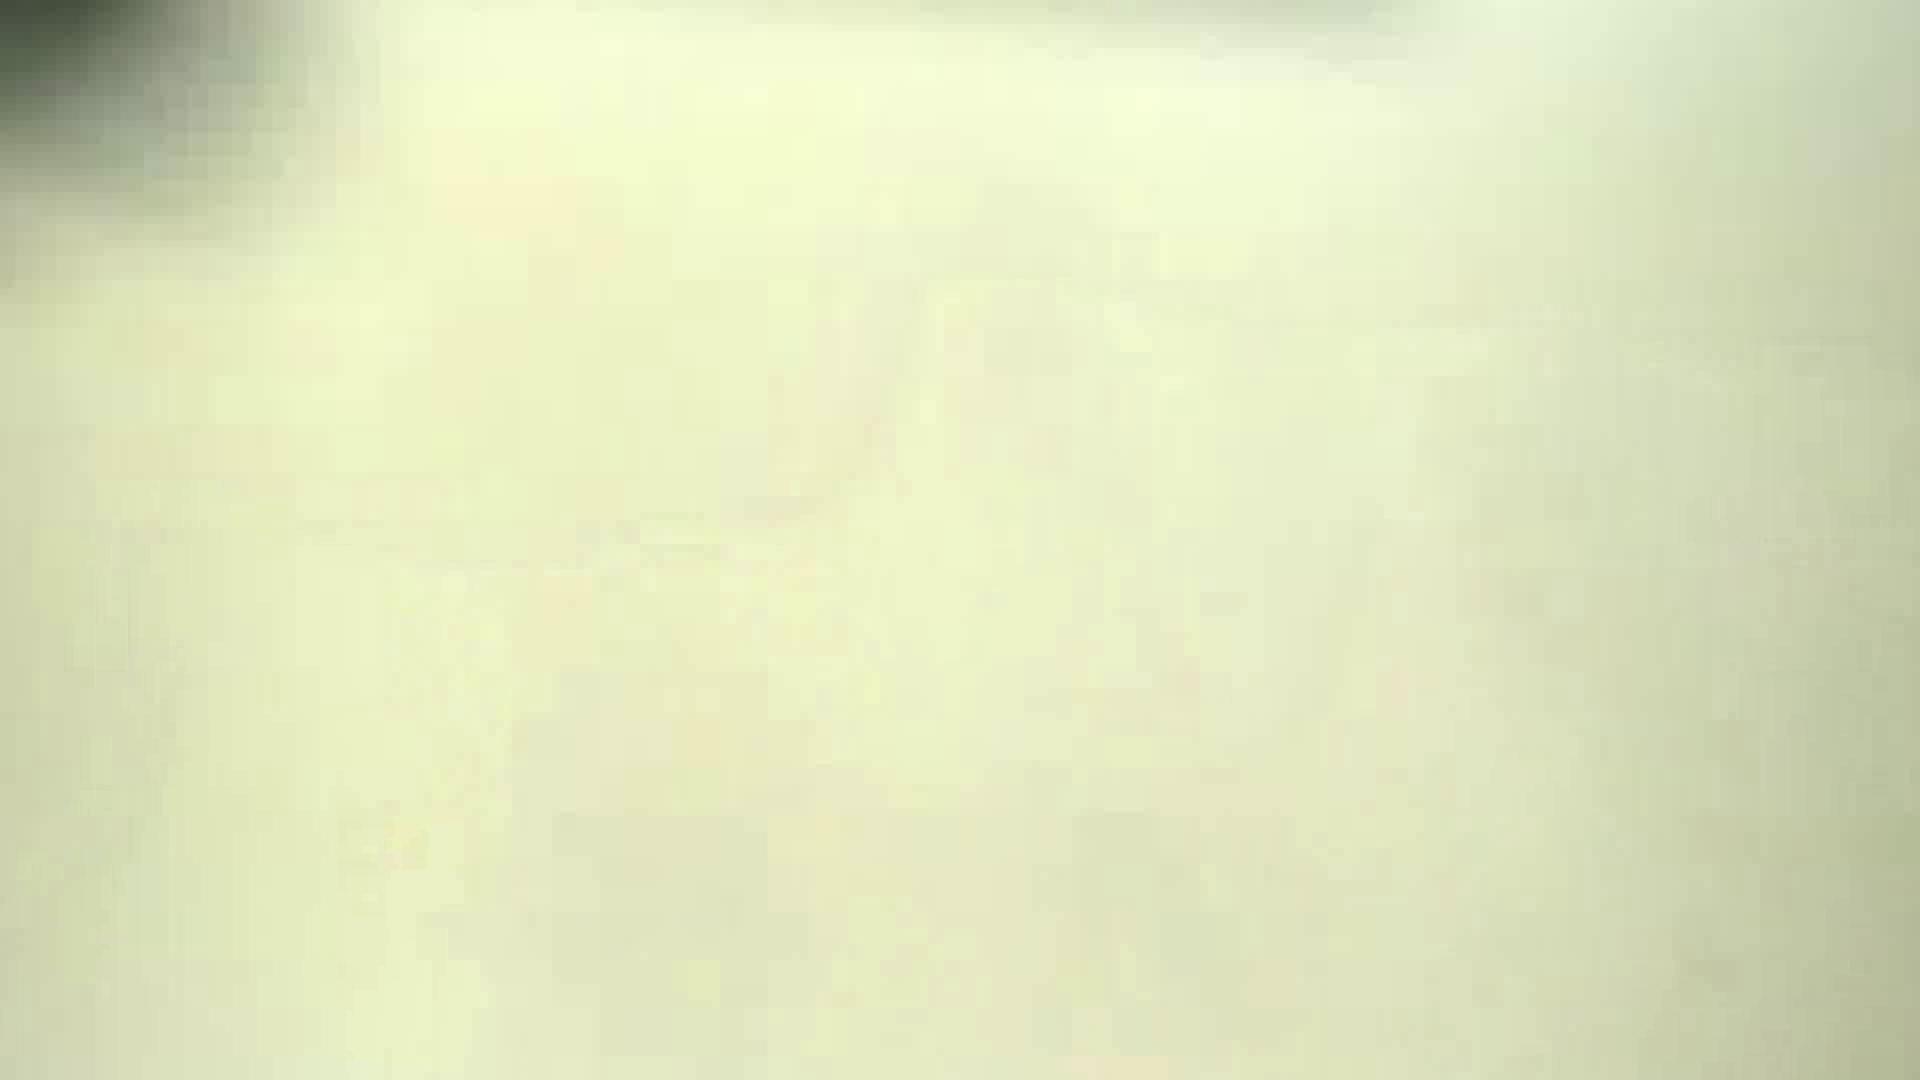 ロックハンドさんの盗撮記録File.75 オマンコギャル アダルト動画キャプチャ 64連発 5